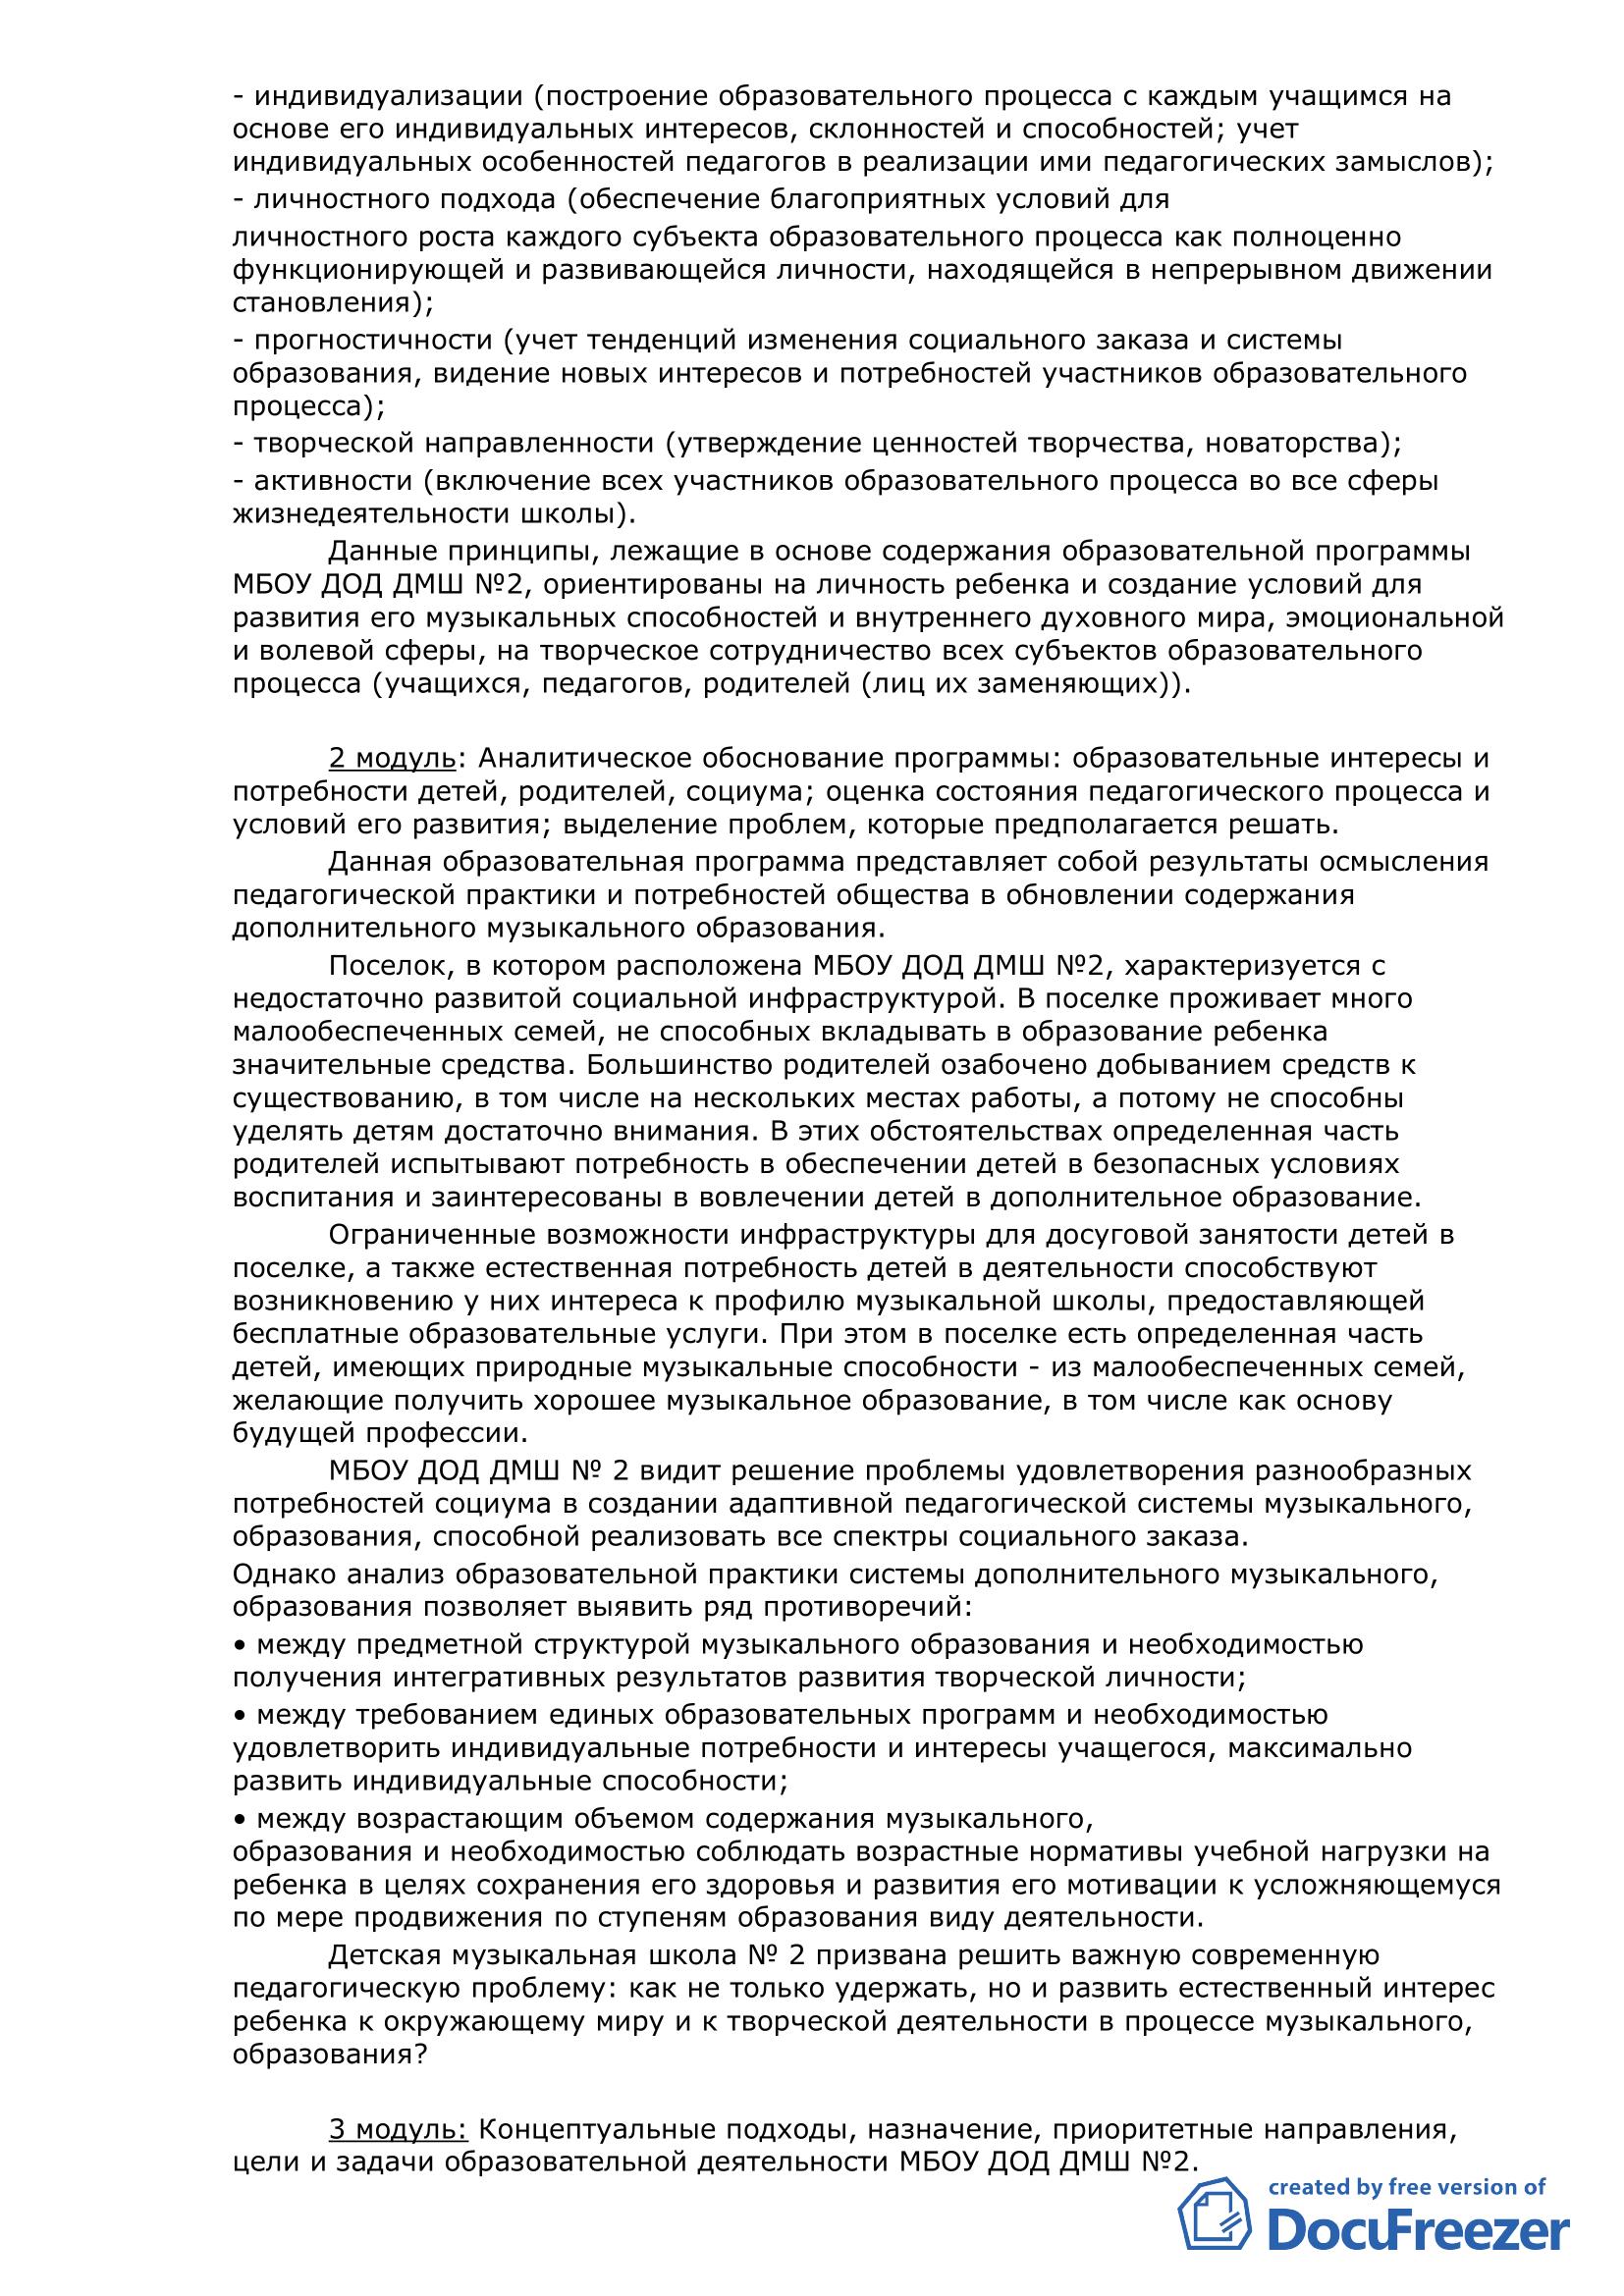 Образовательная программа ДМШ №2_3